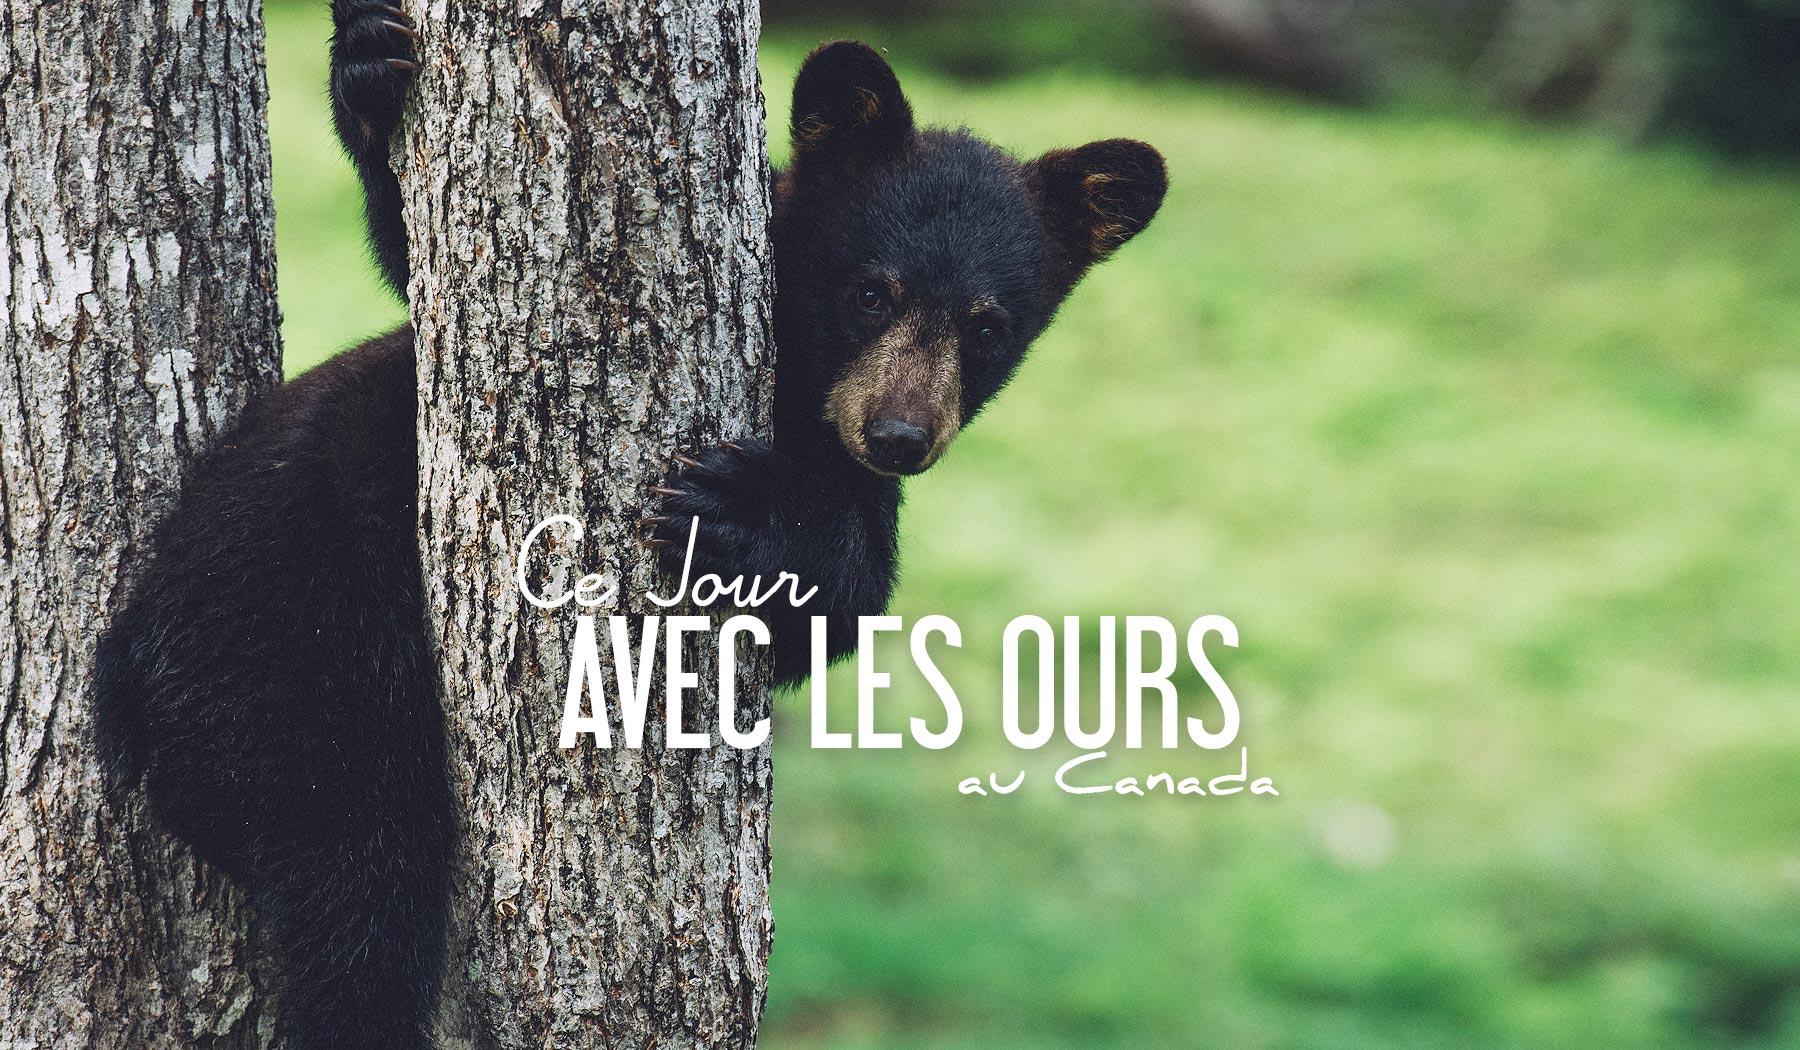 Ou voir des ours au canada dans la nature